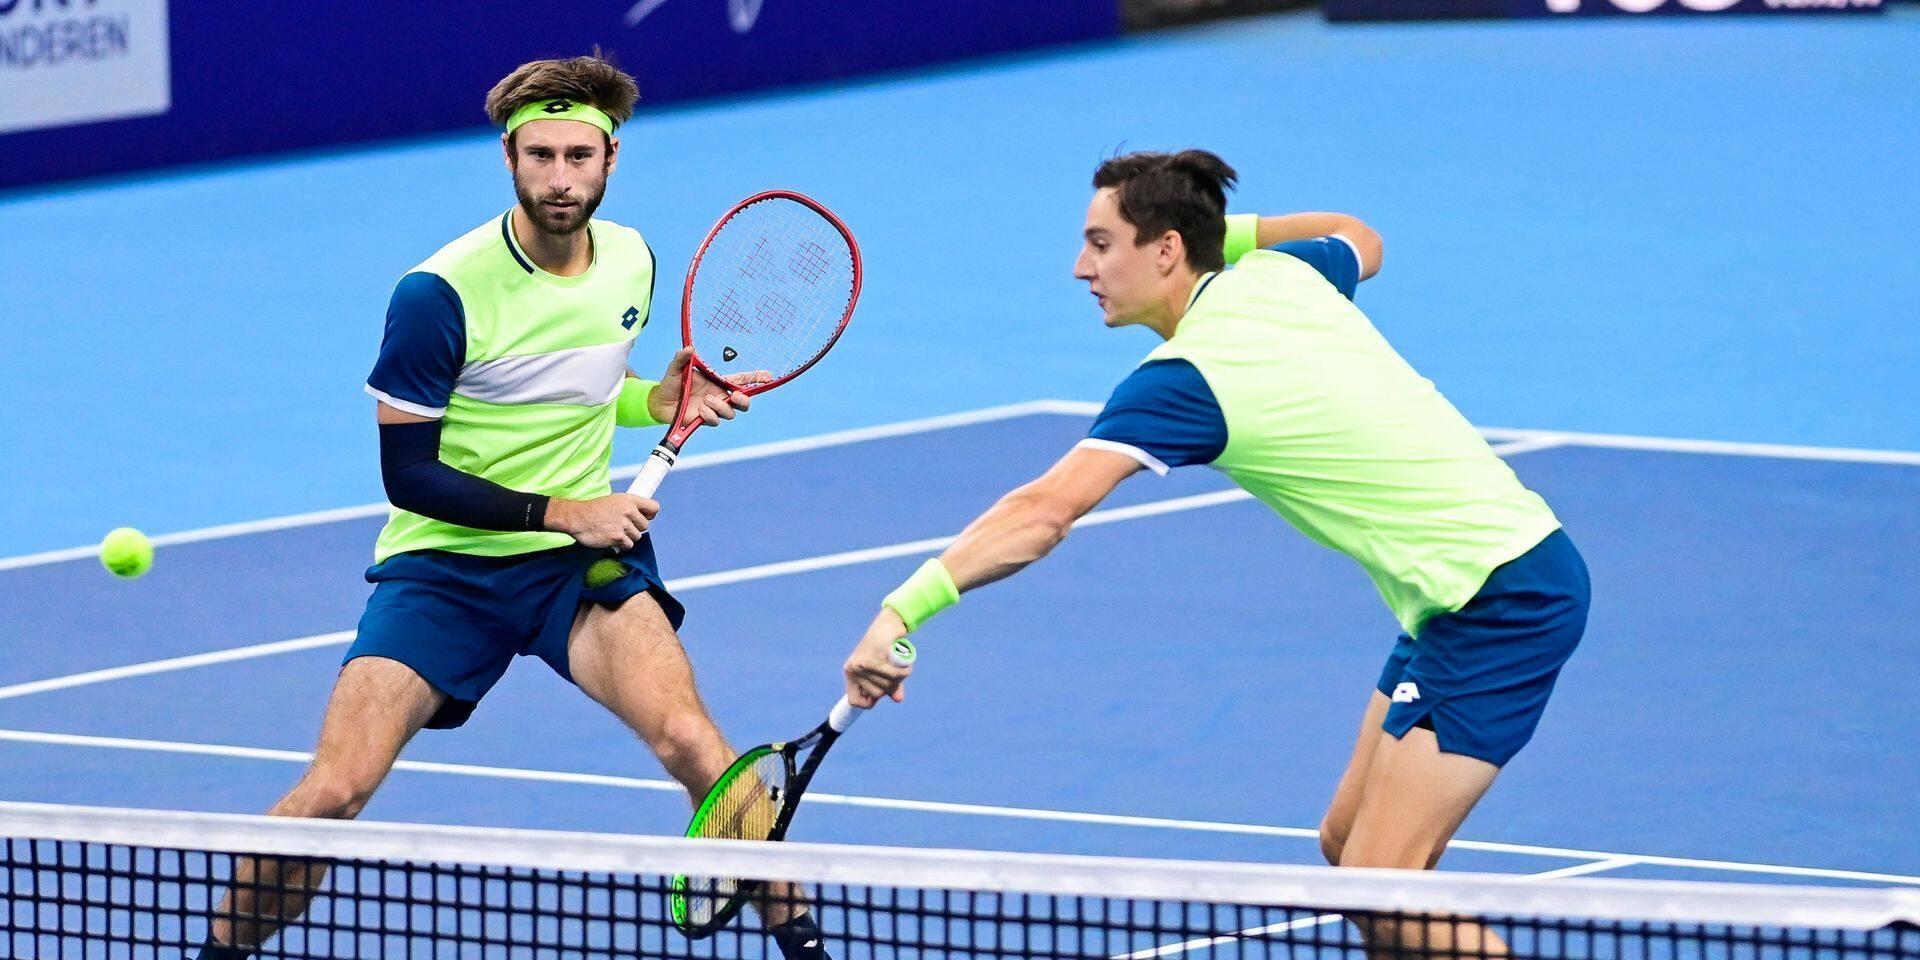 European Open: Gillé et Vliegen éliminés en demi-finales du double par Bopanna et Middelkoop